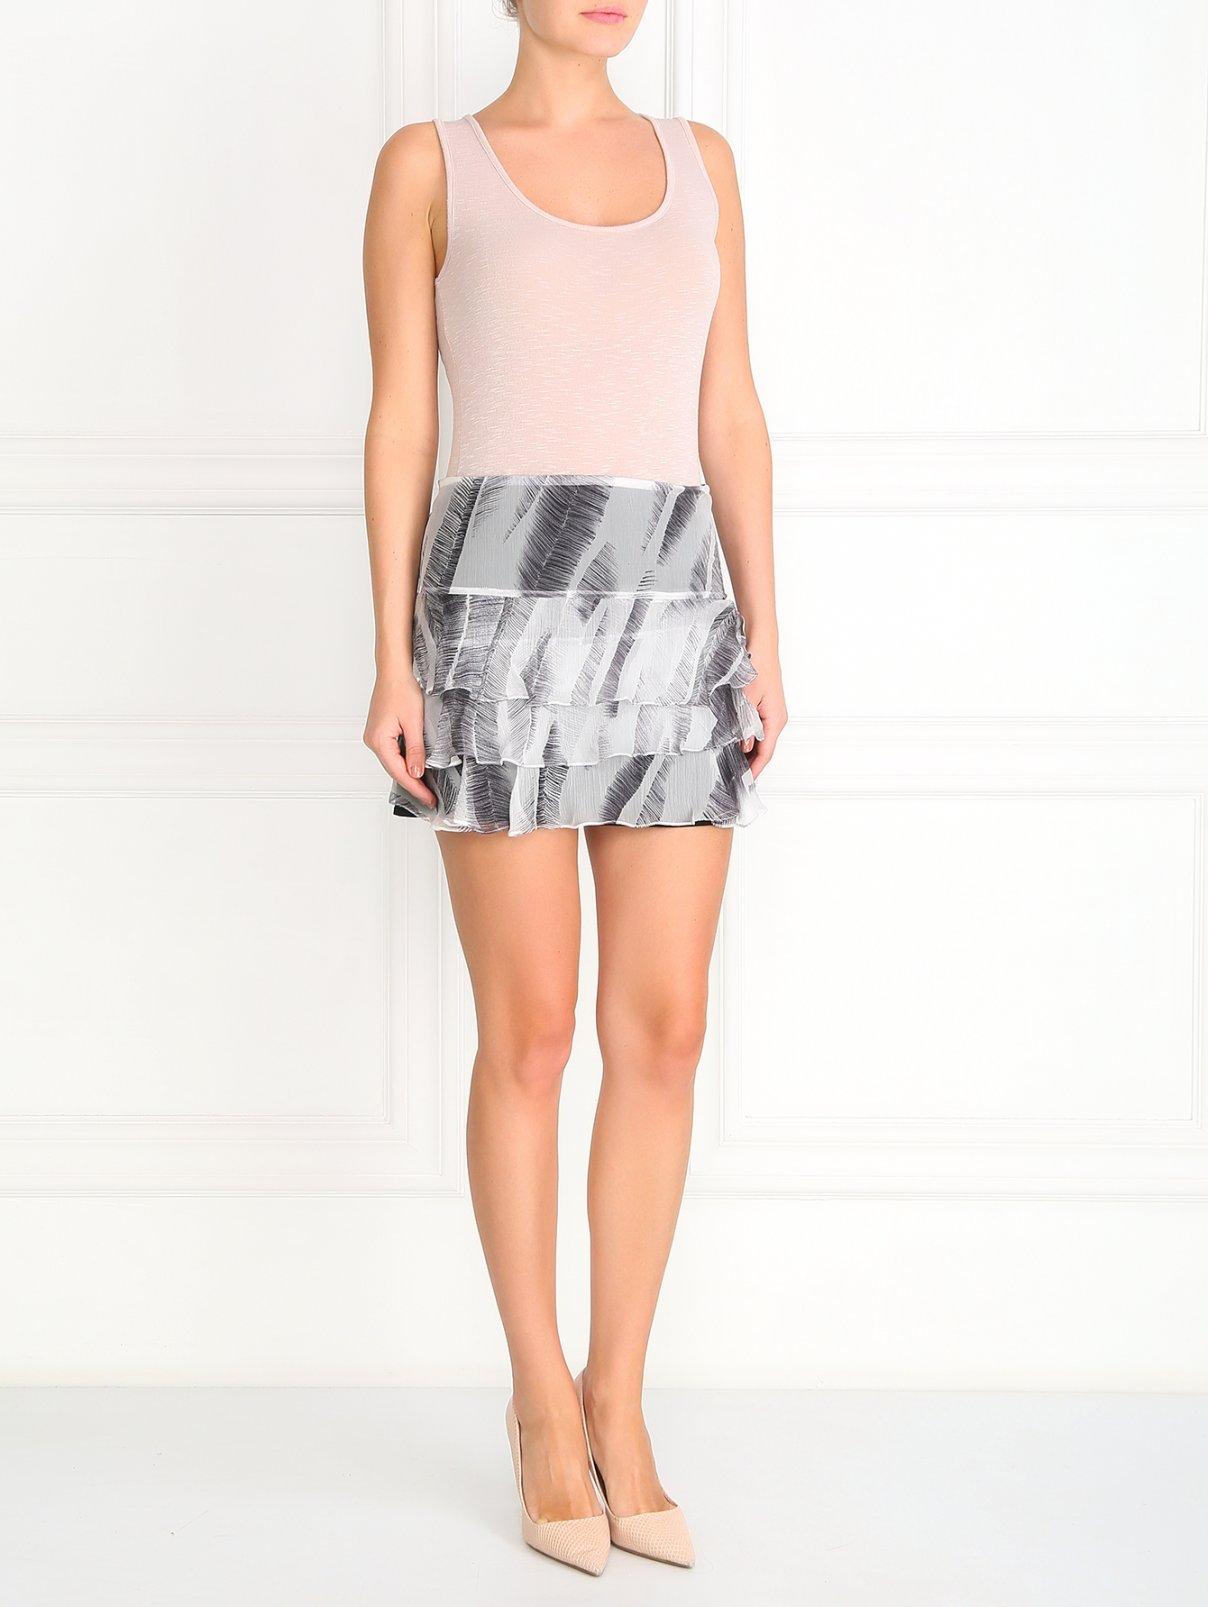 МИни-юбка из шелка с узором athe  –  Модель Общий вид  – Цвет:  Серый